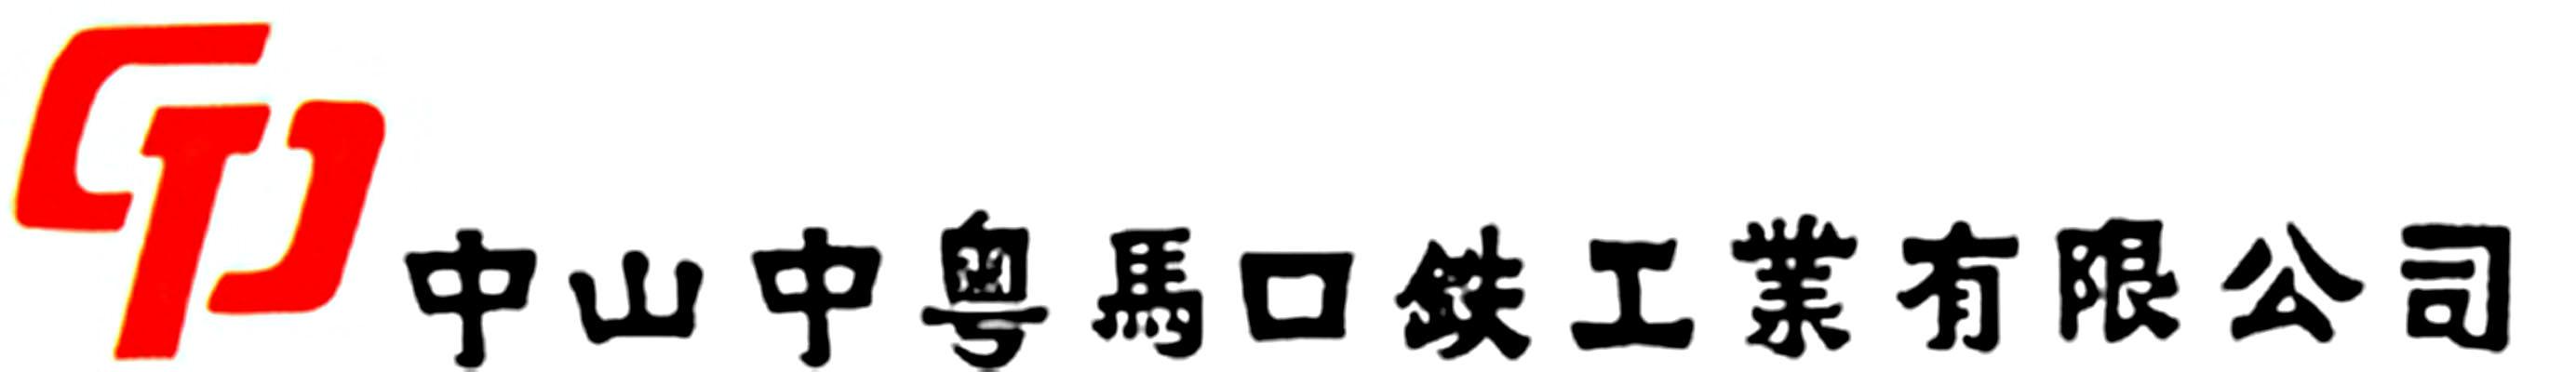 中山中粤马口铁工业有限公司_才通国际人才网_job001.cn